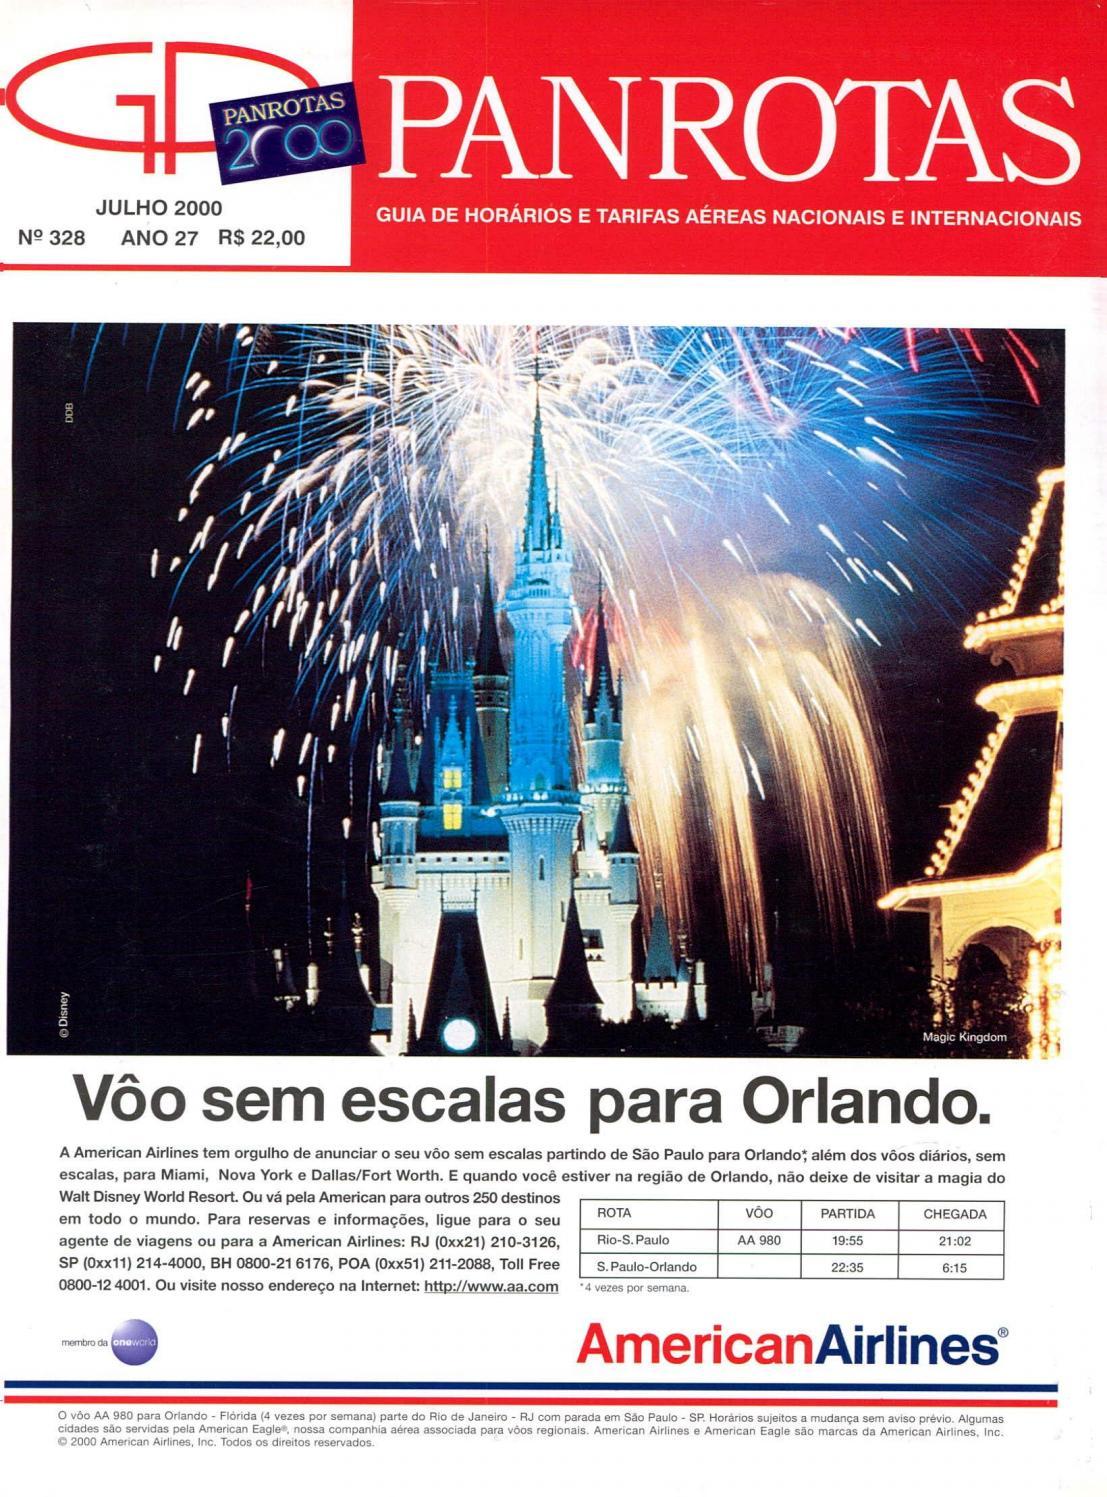 Guia PANROTAS - Edição 328 - Julho 2000 by PANROTAS Editora - issuu 0f6d59ec2f